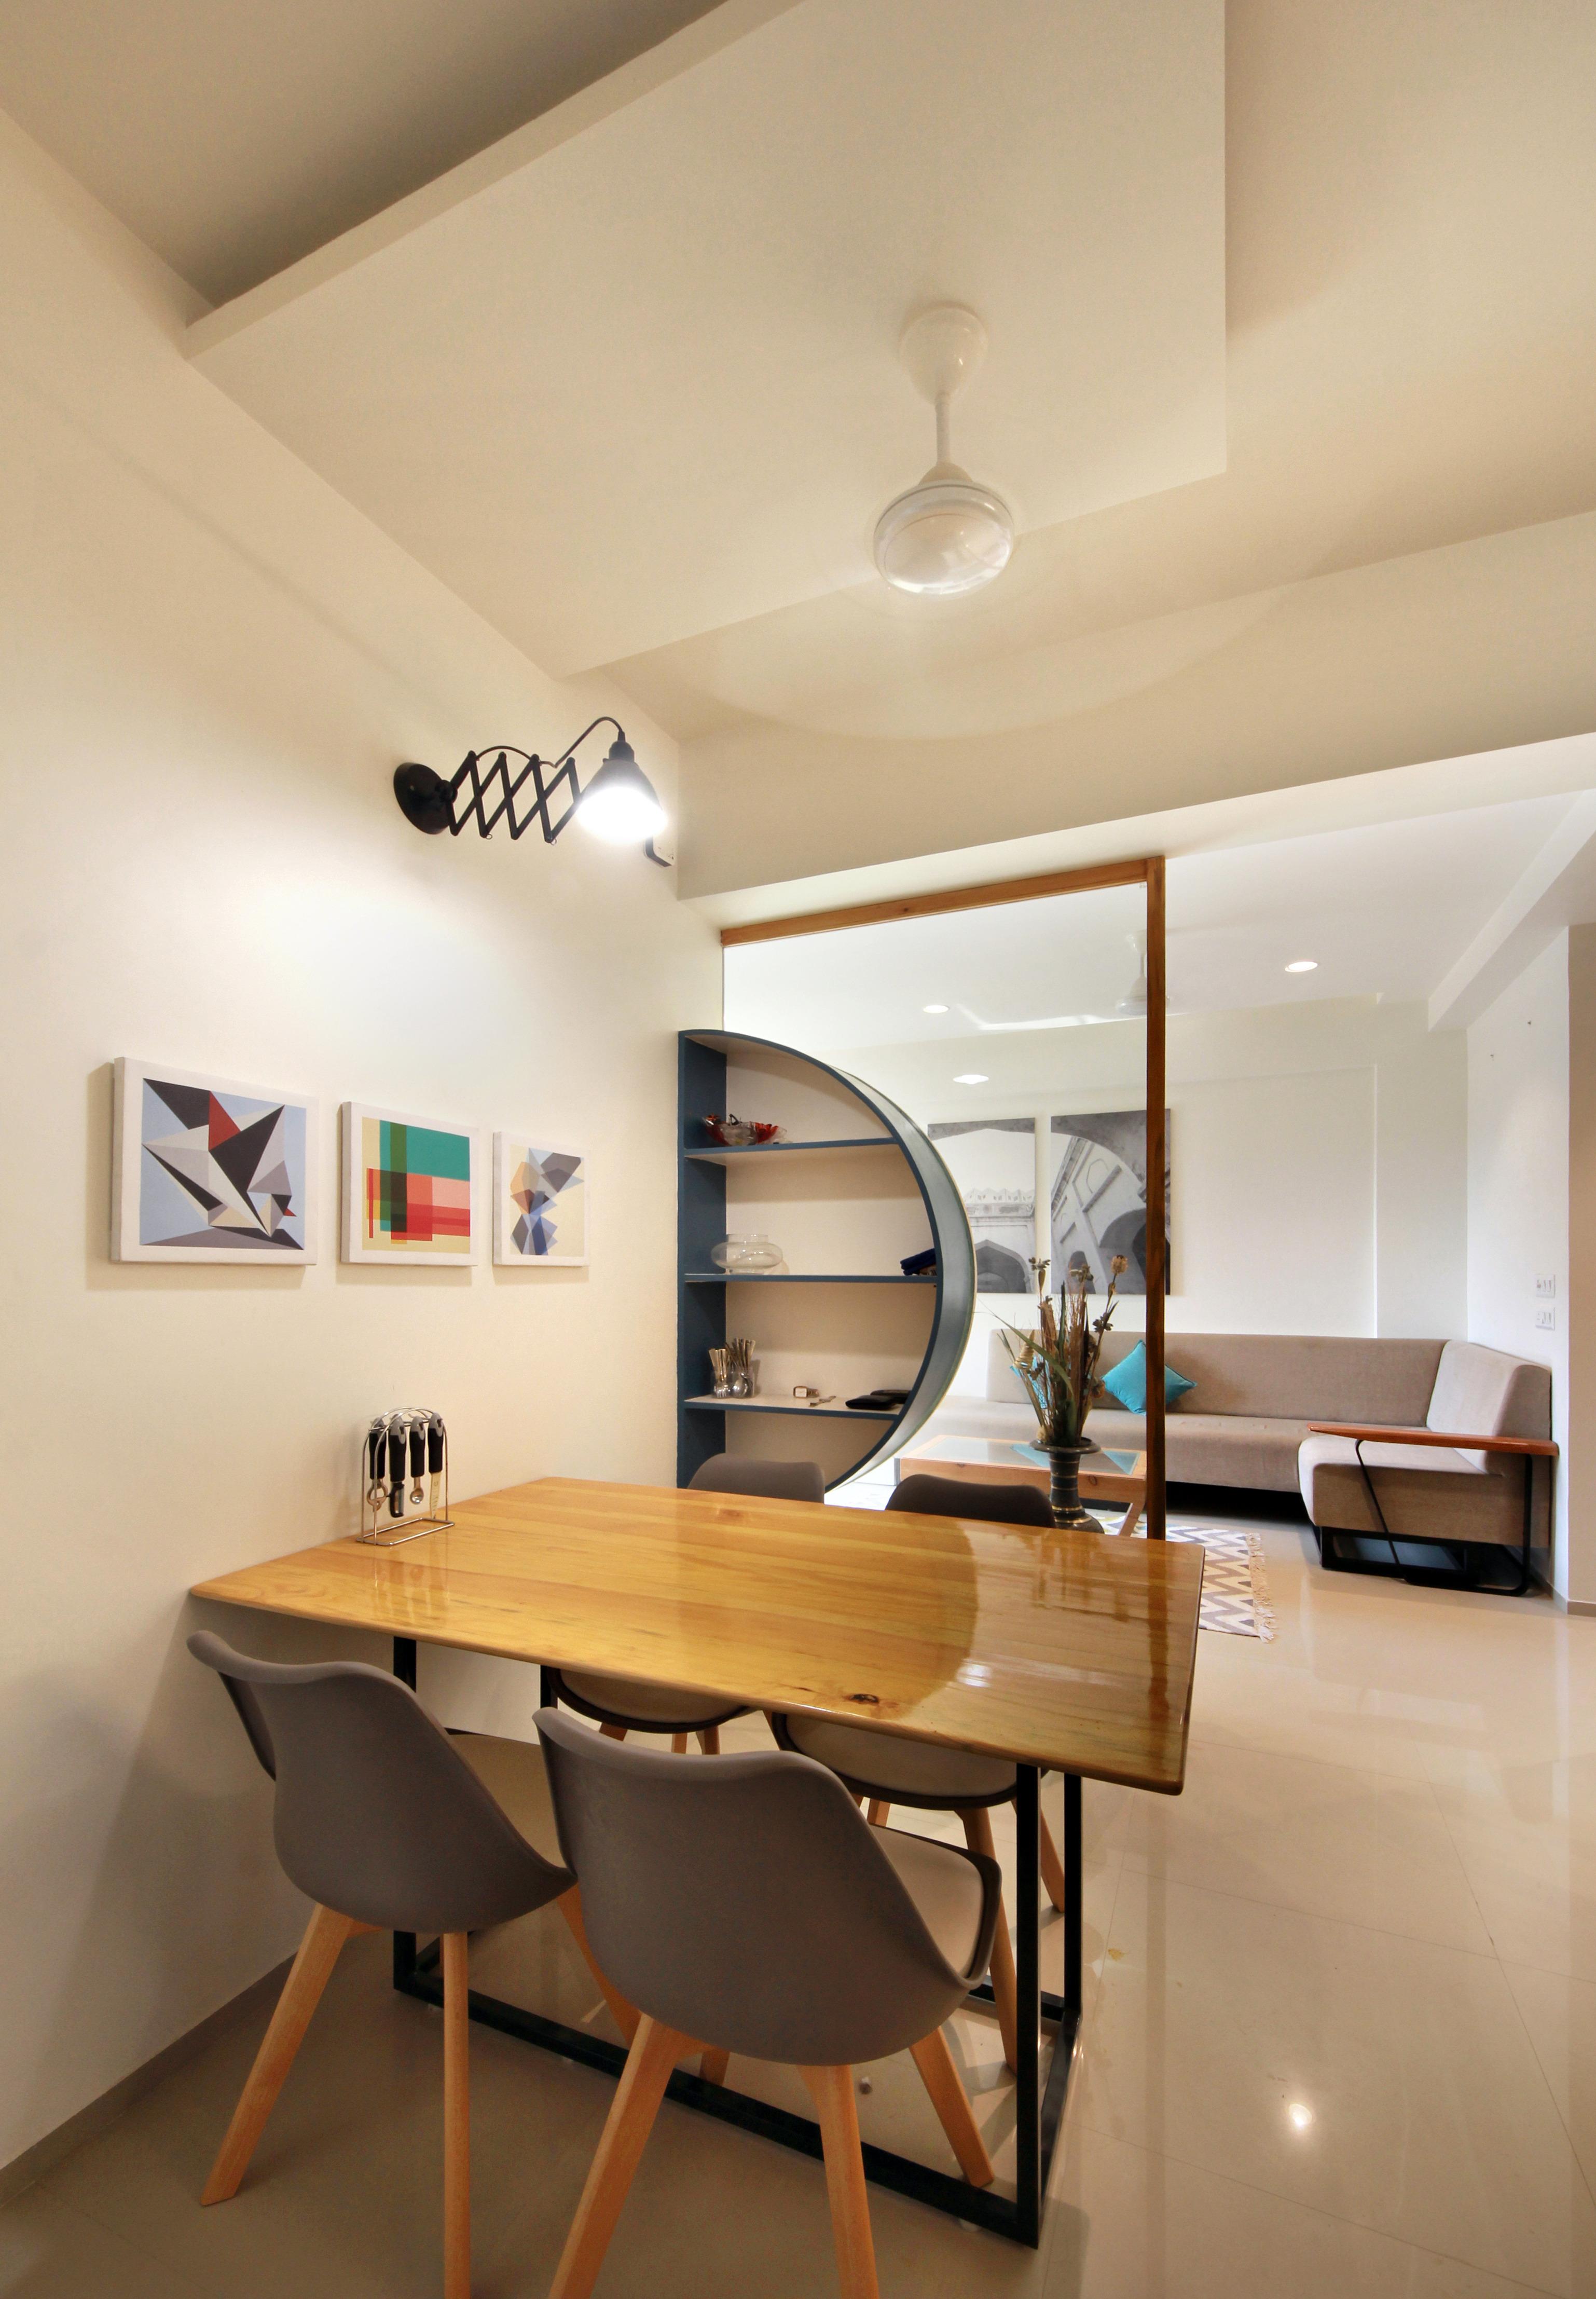 interior-1 (1)